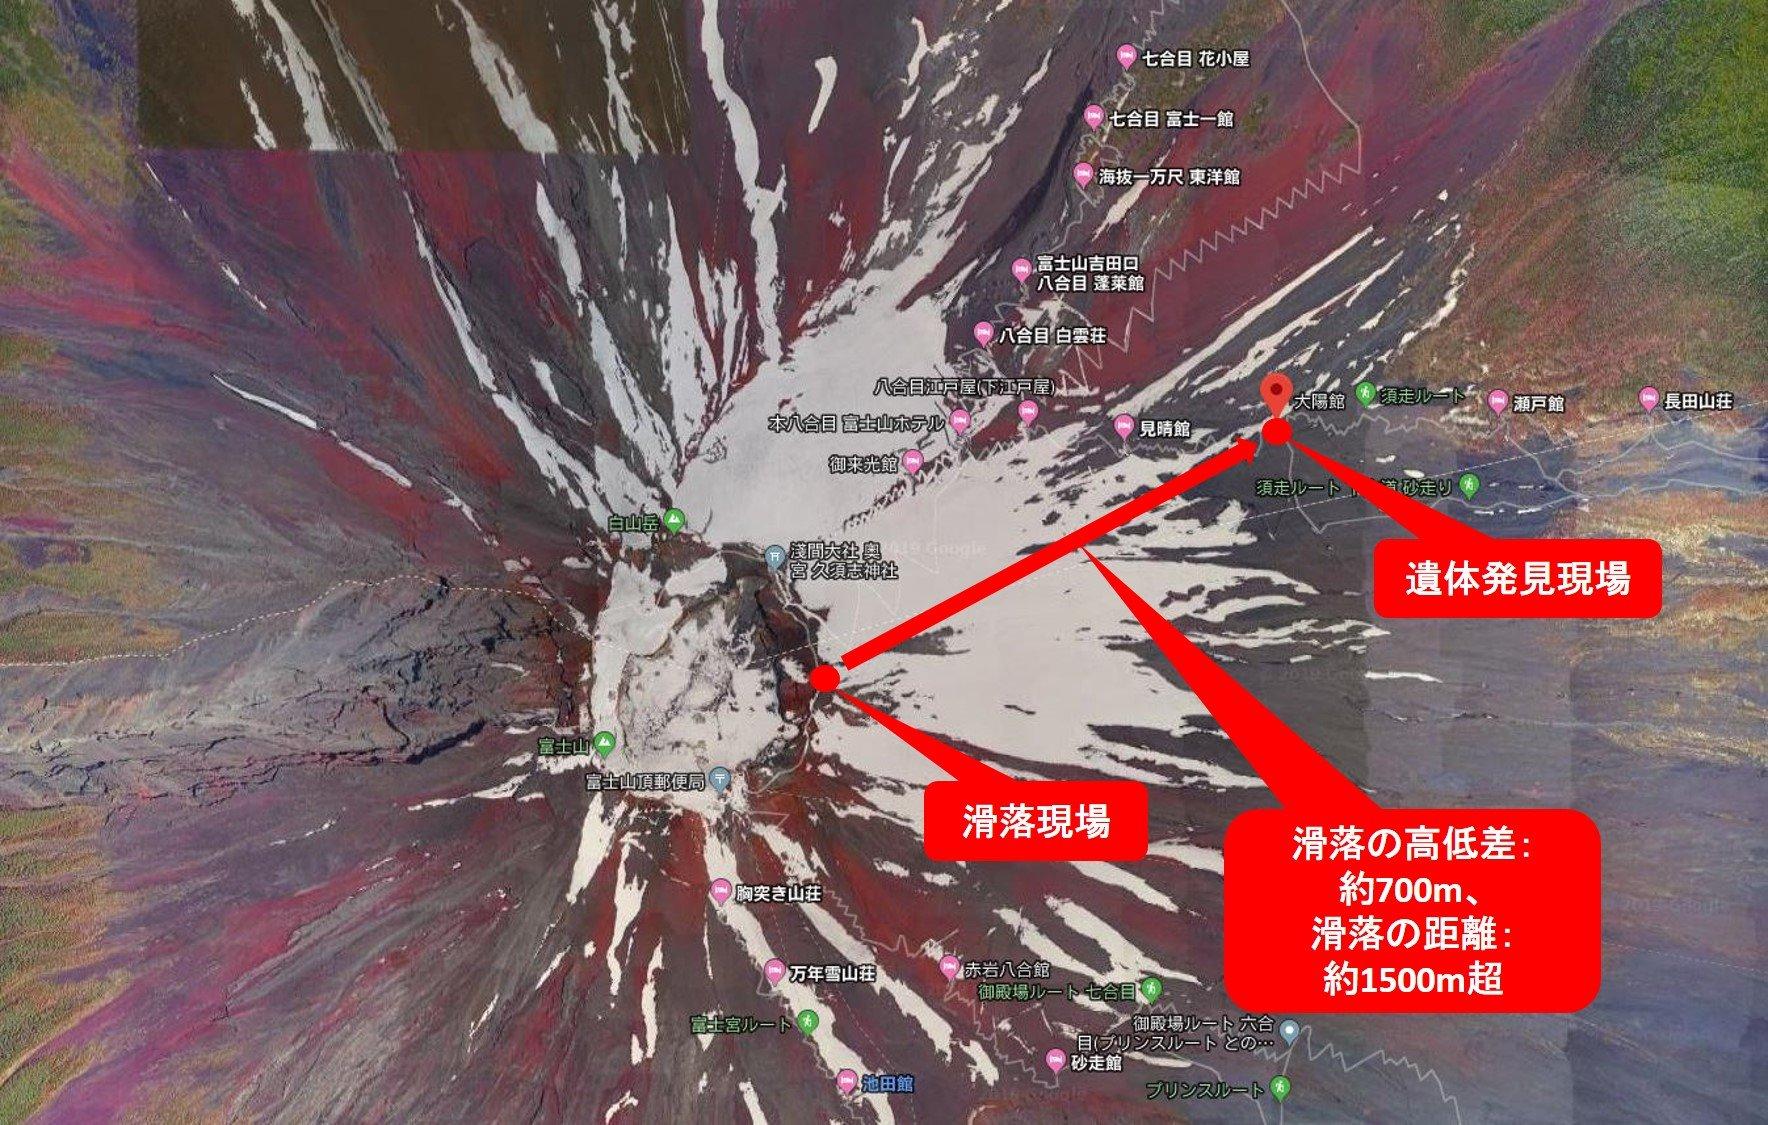 富士山 か つらく 事故 遺体